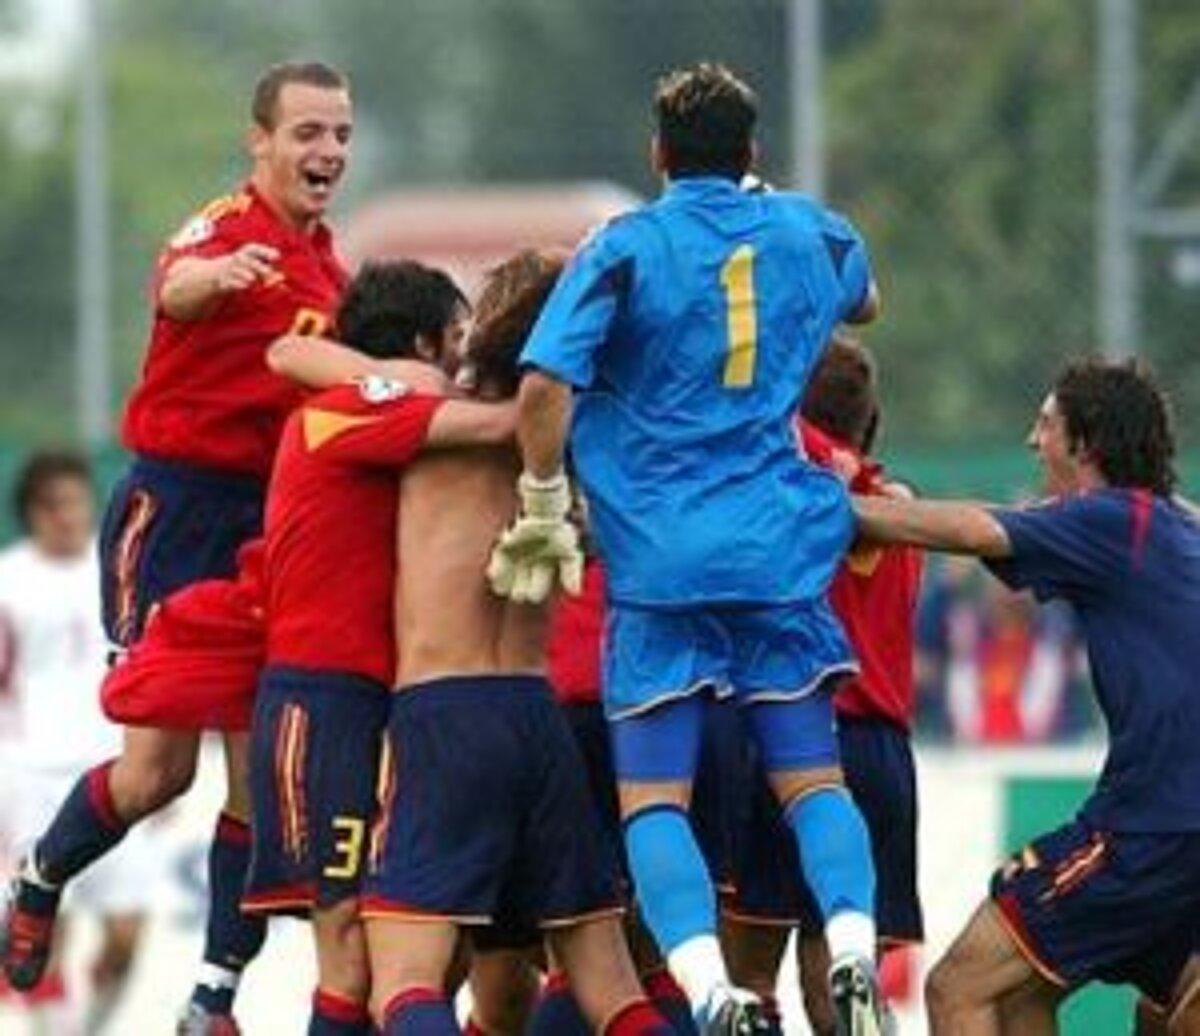 9aaec7174d7f8 Španielski futbalisti vyhrali posledné dva európske šampionáty vekovej  kategórie do 19 rokov.